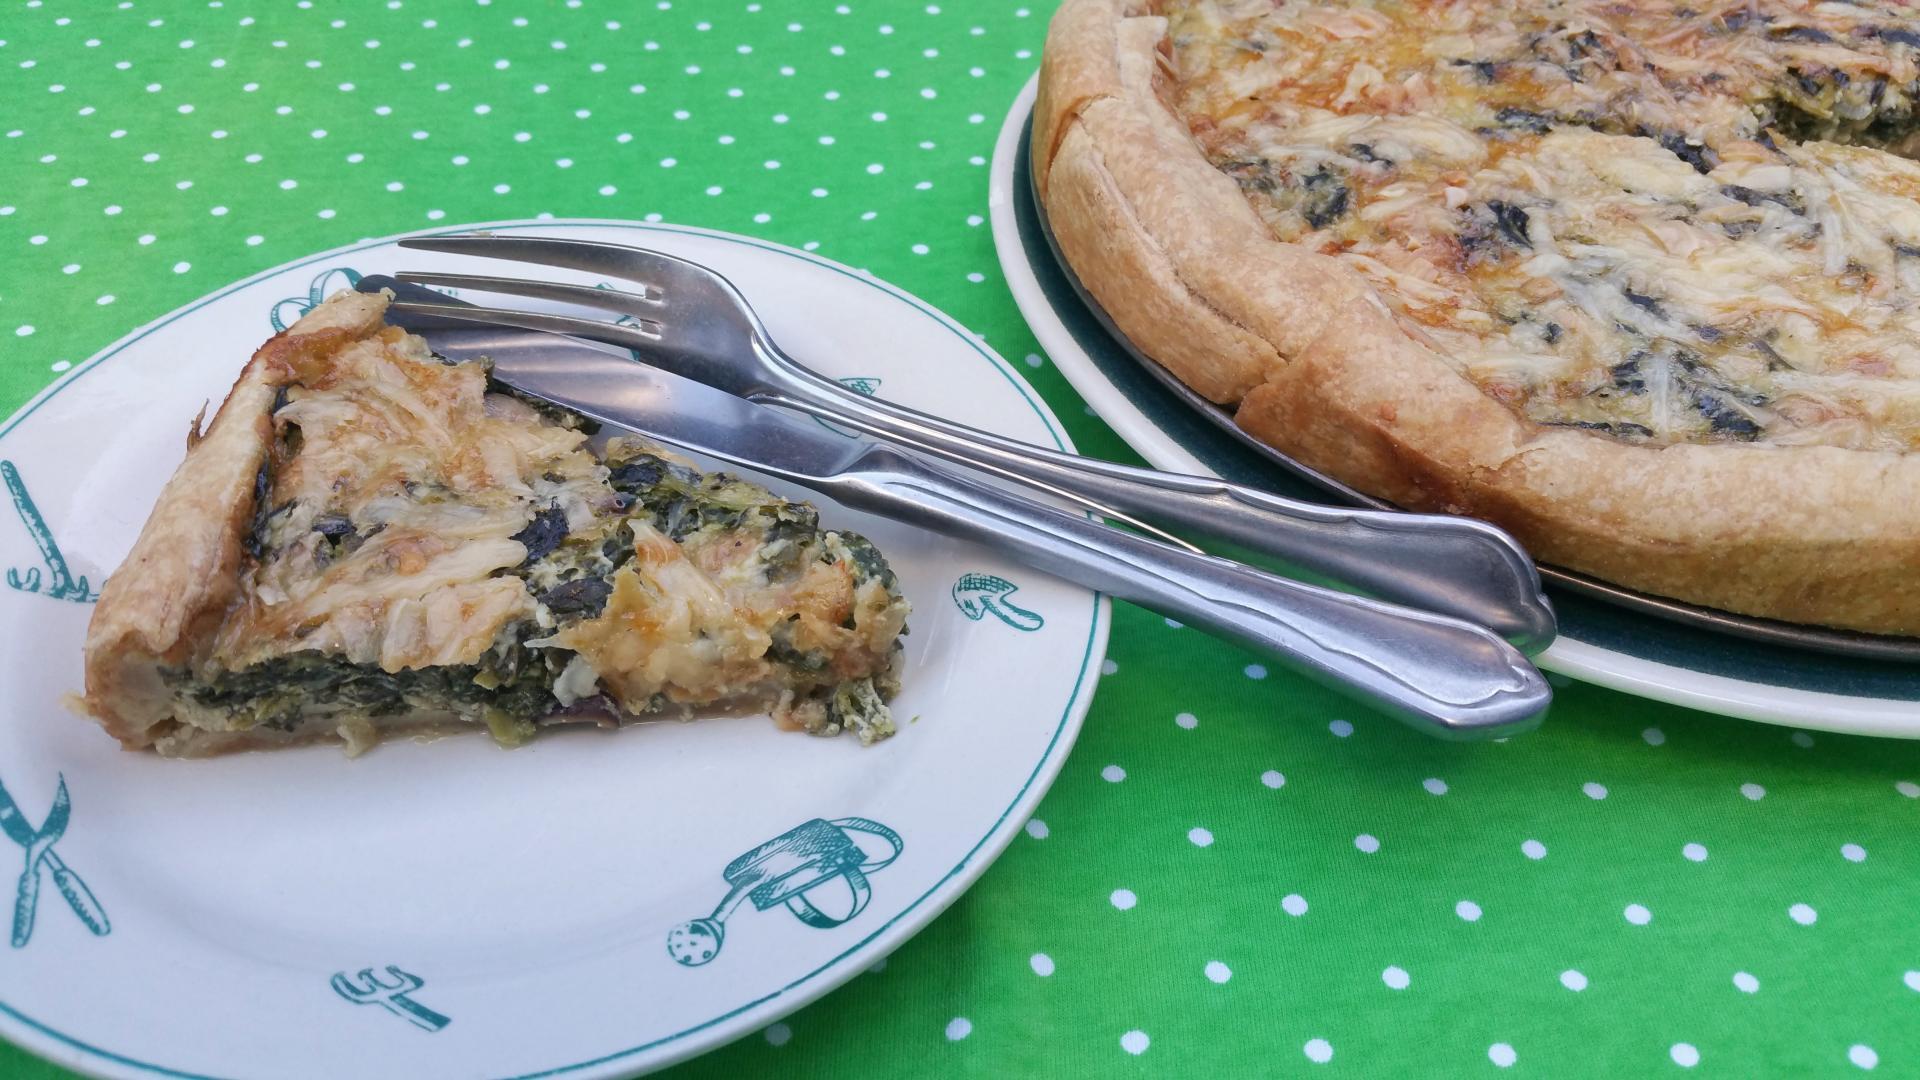 Uitgelichte foto voor het bericht Quiche met spinazie en paddenstoelen